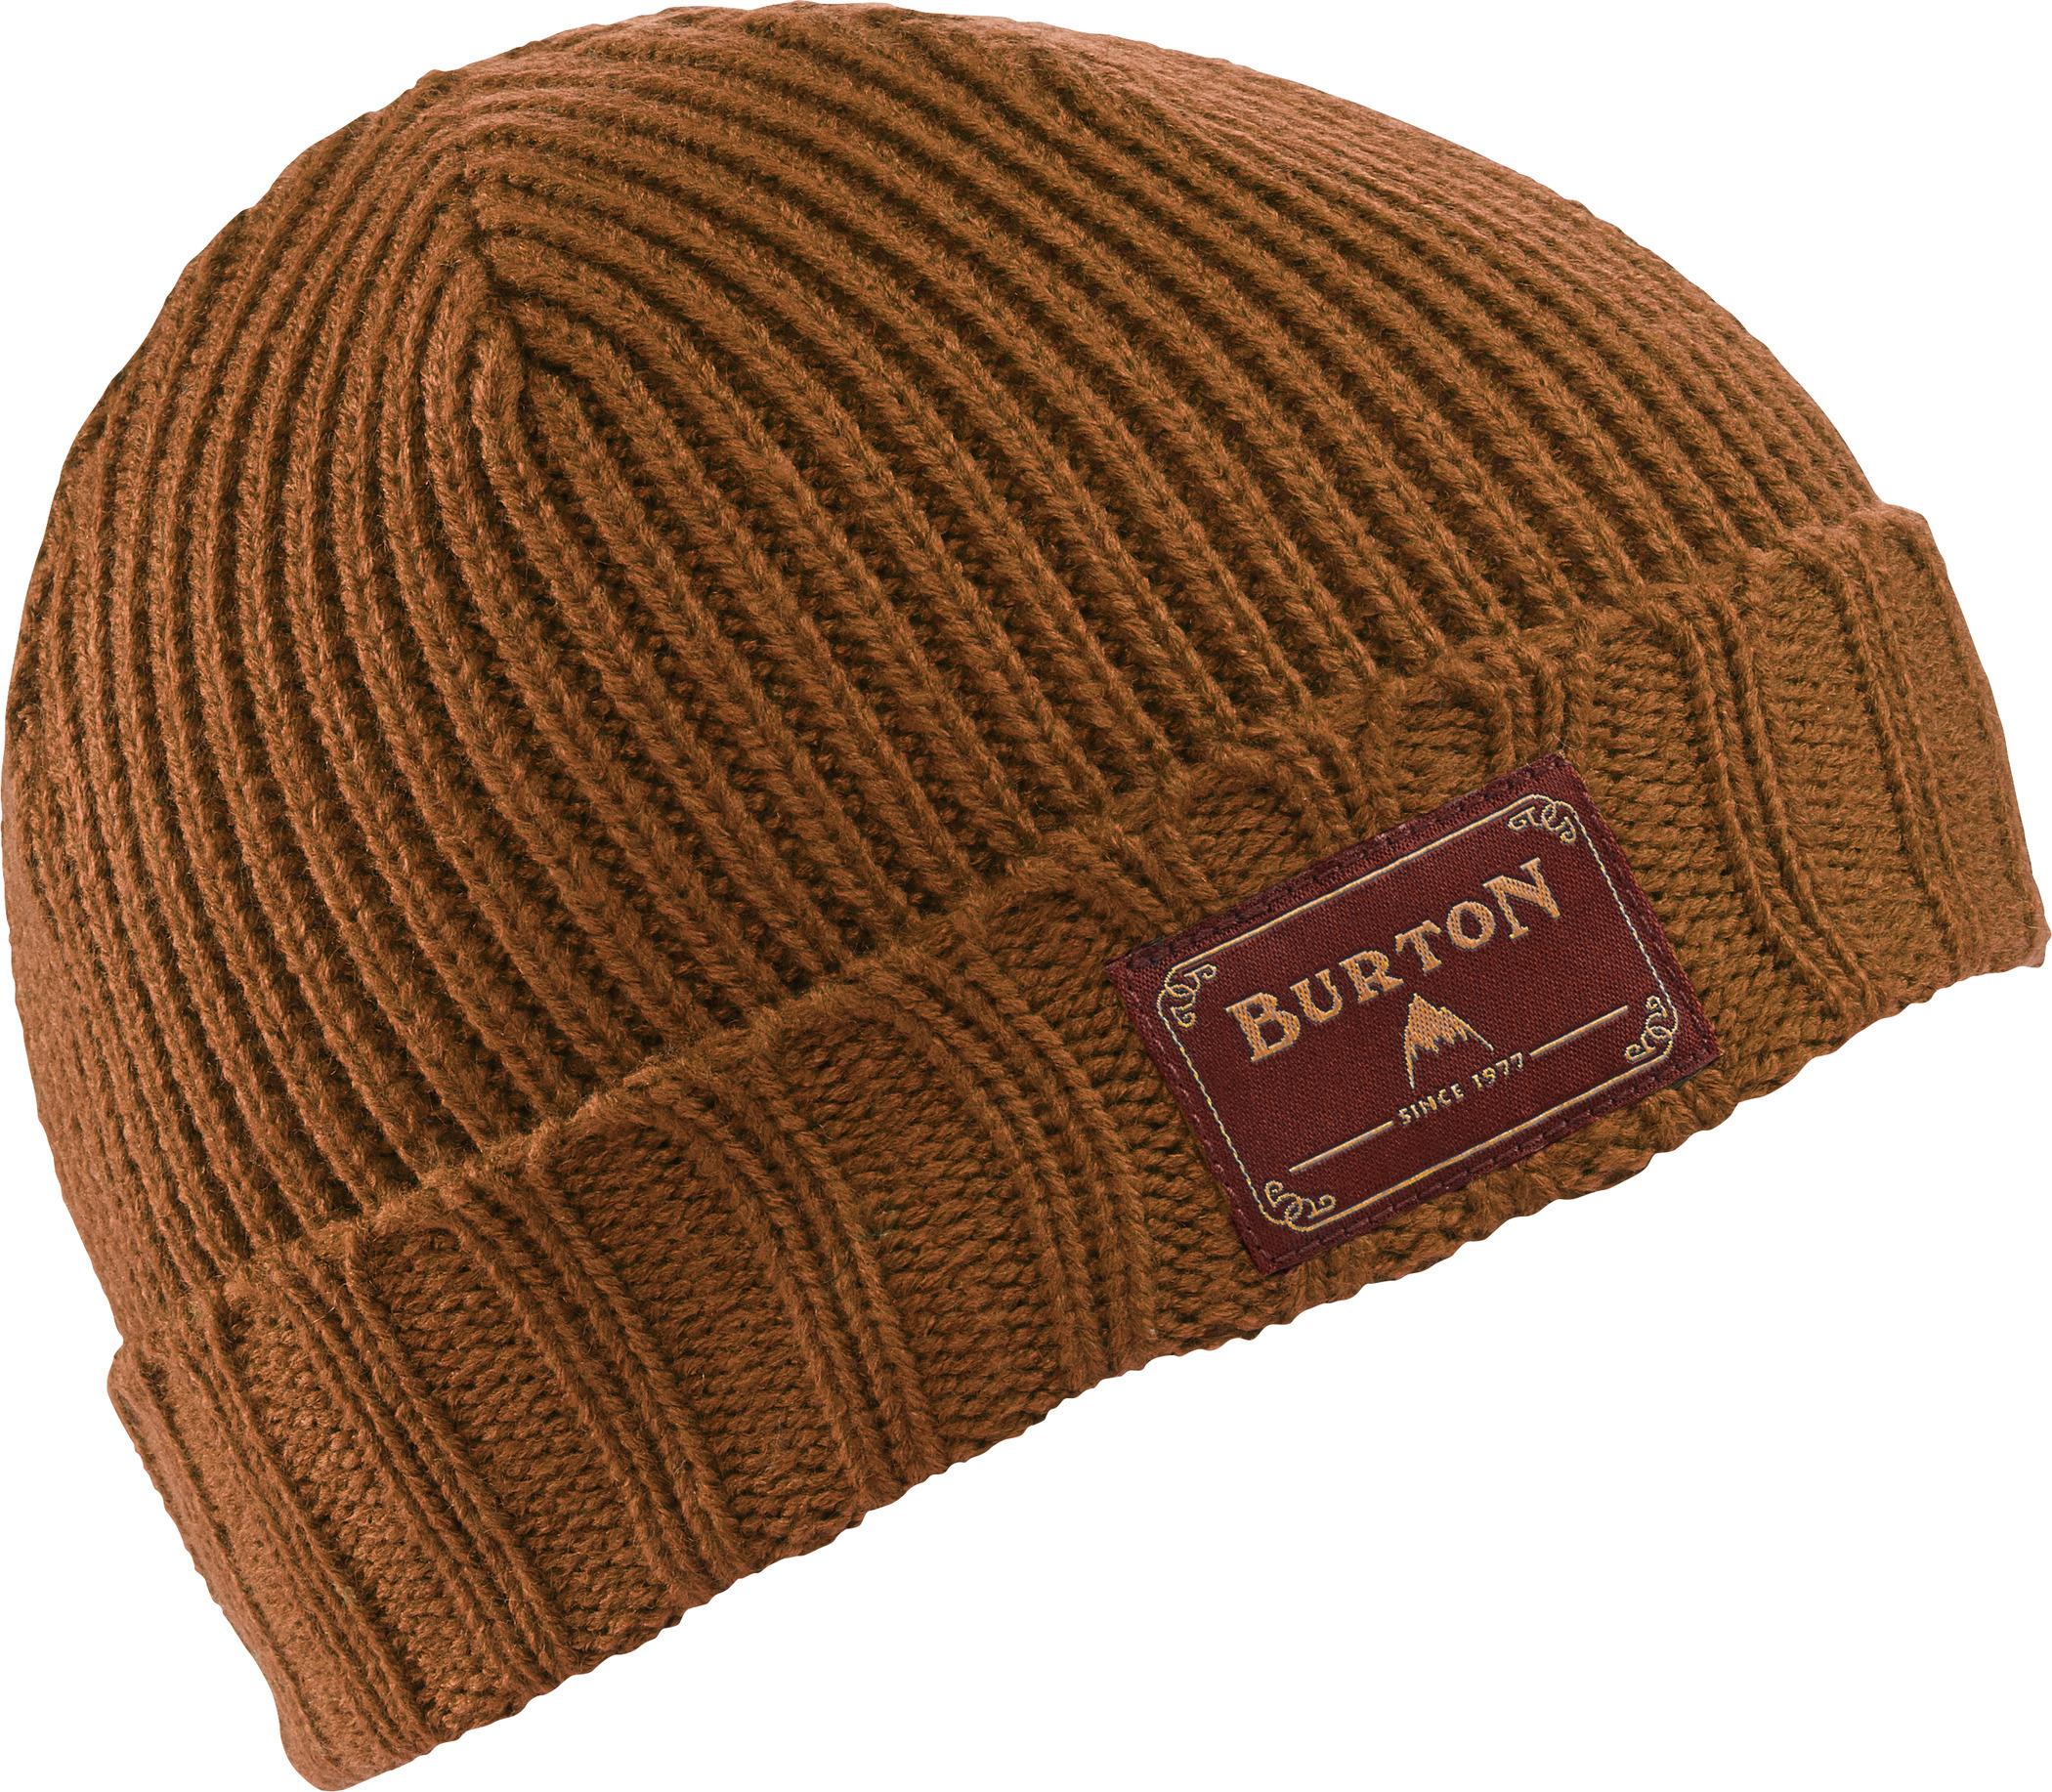 czapka zimowa dziecięca BURTON YOUTH GRINGO BEANIE MAUI SUNSET